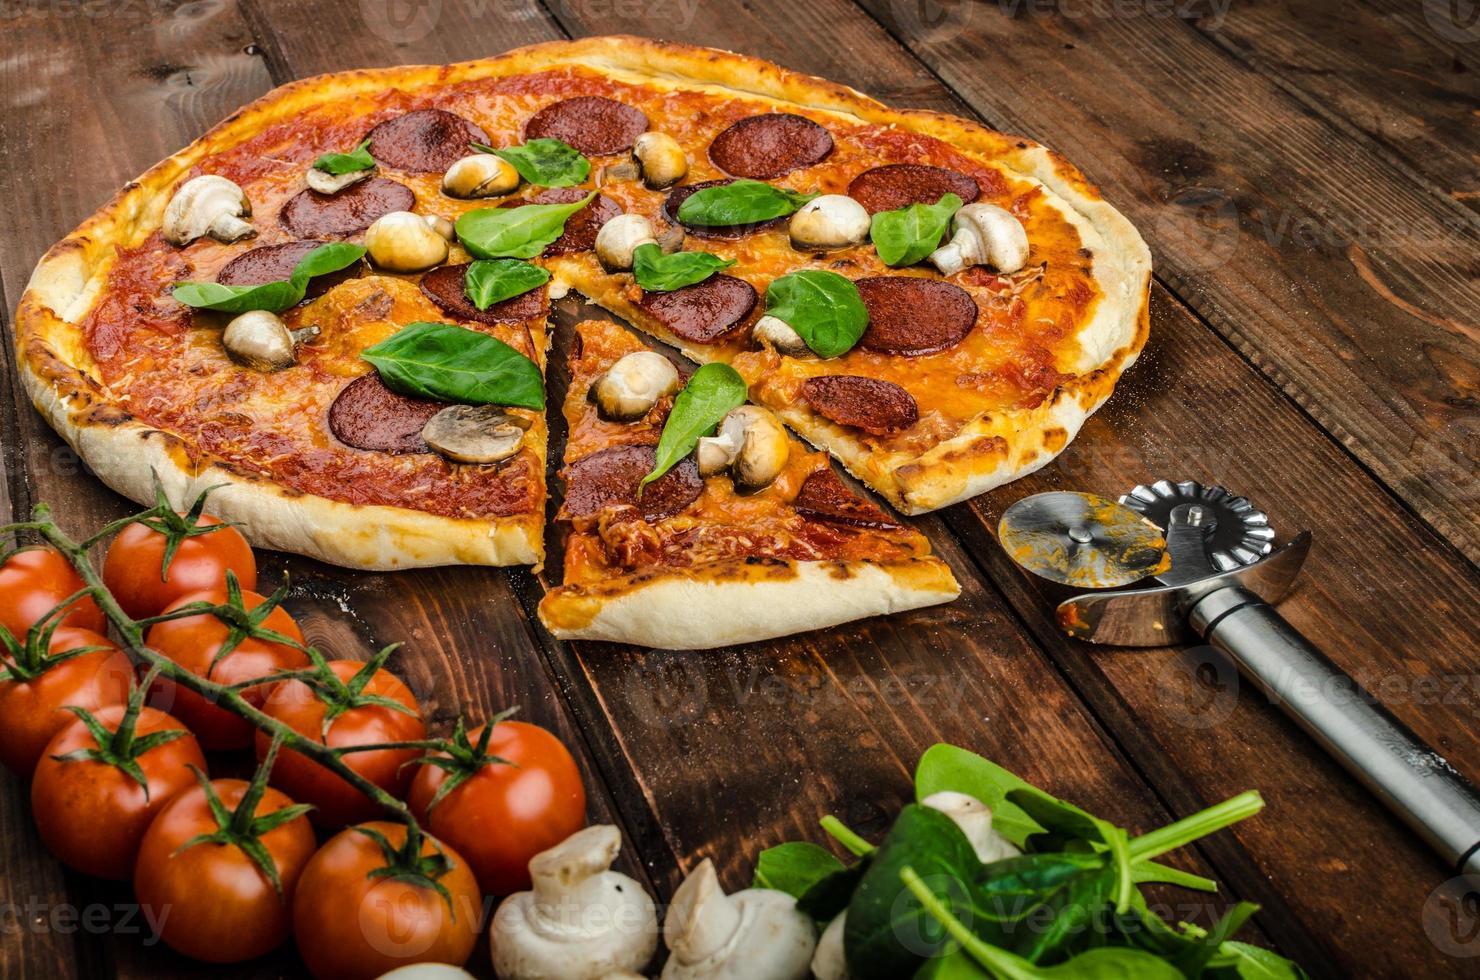 pizza rústica con salami, mozzarella y espinacas foto